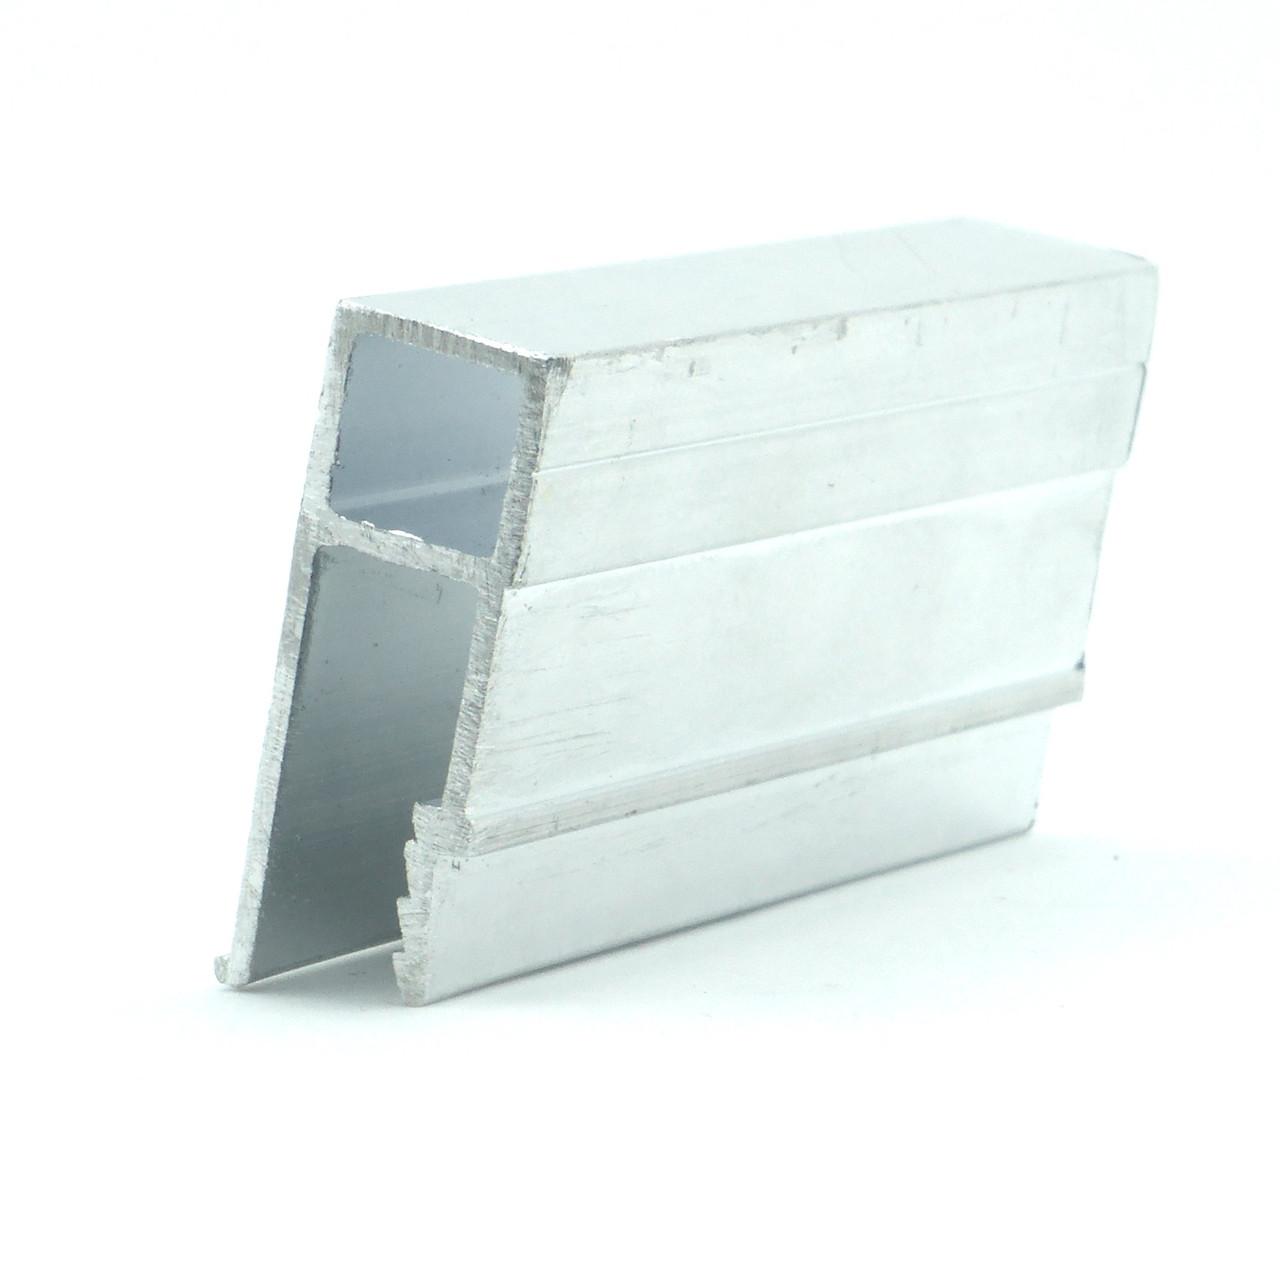 Профиль для натяжных потолков алюминиевый П-образный